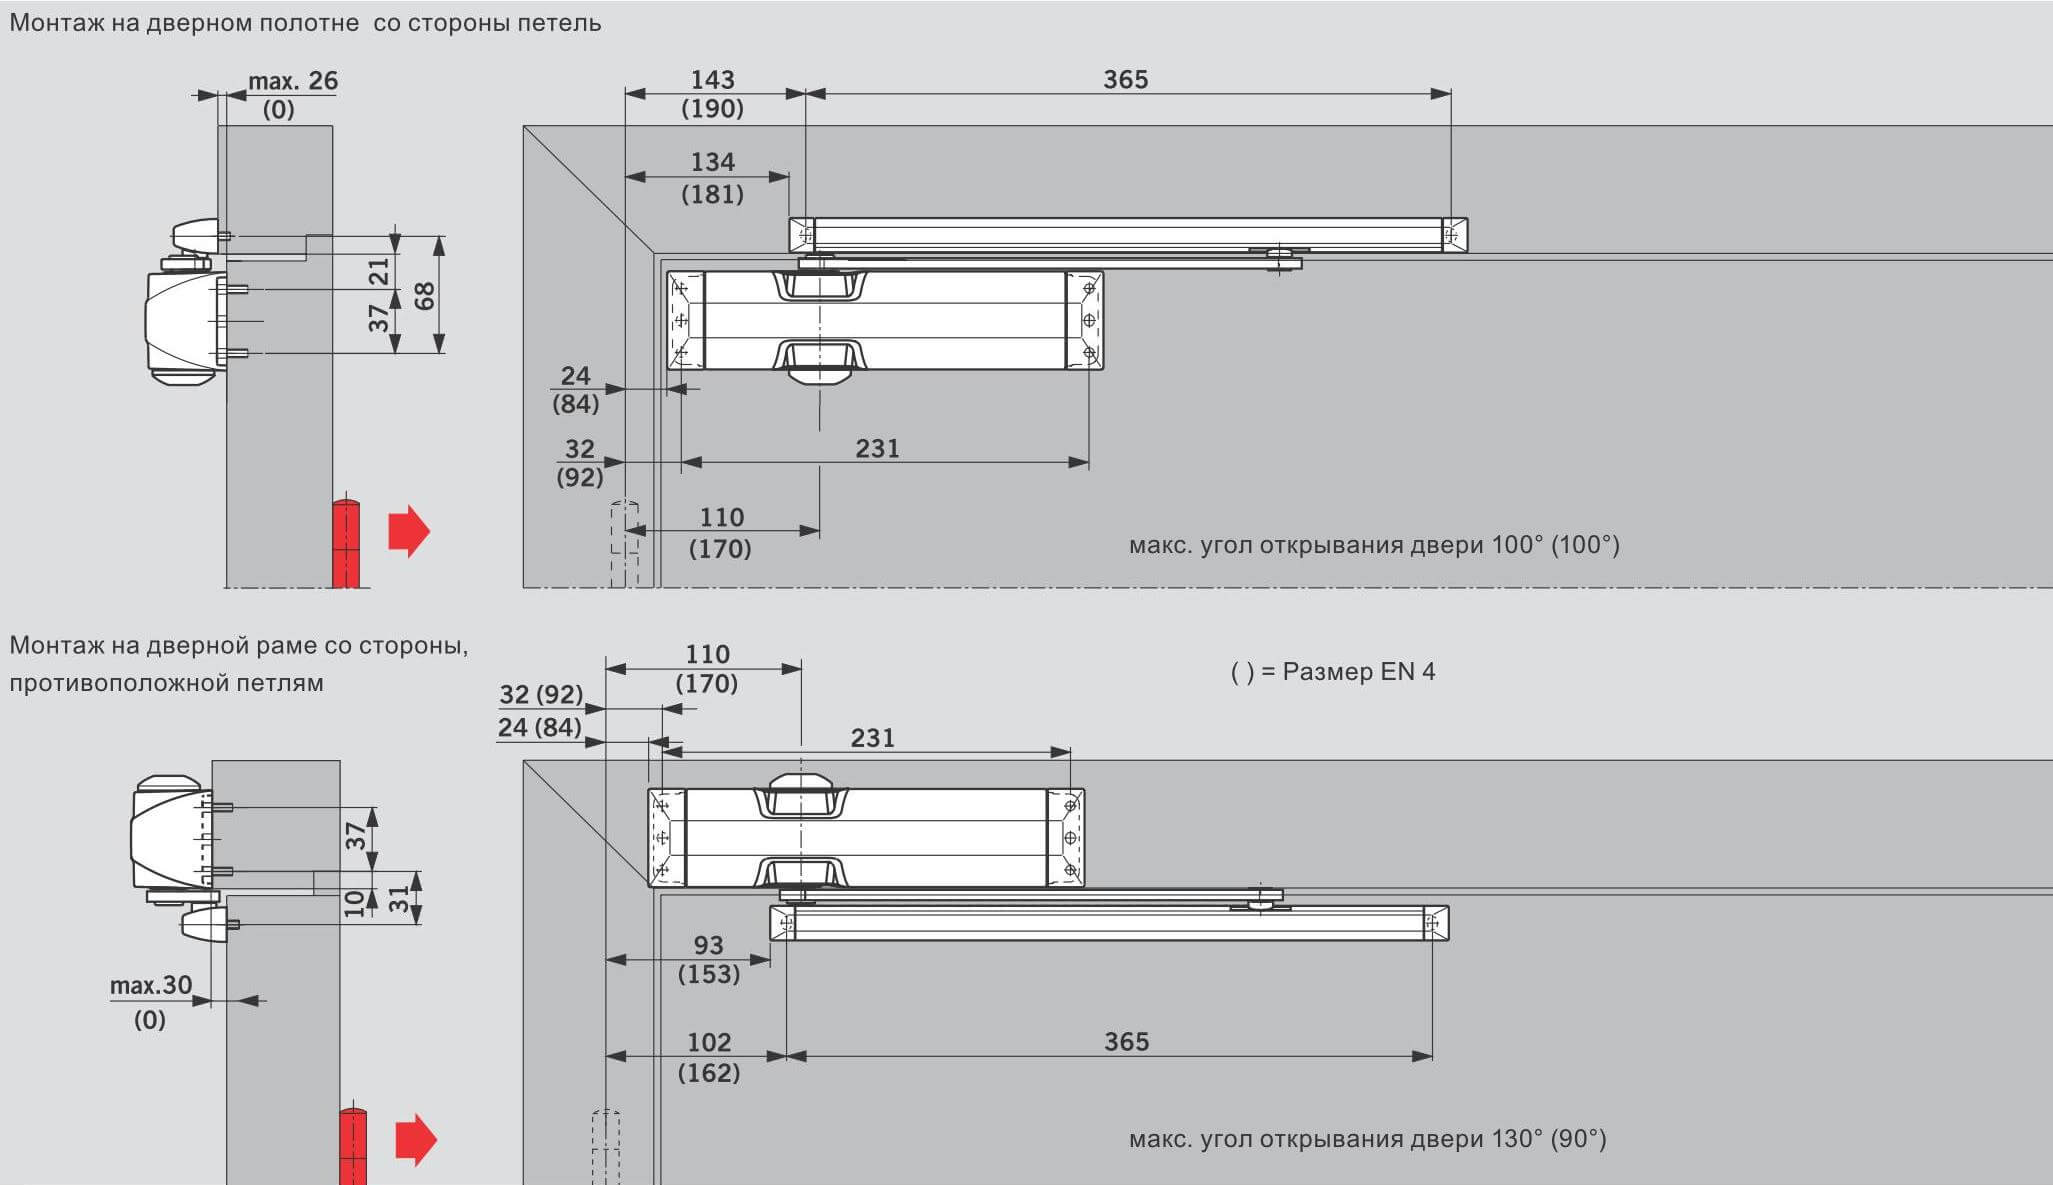 Установка на дверной коробке со стороны, противоположной петлям для DORMA TS 90 Impulse